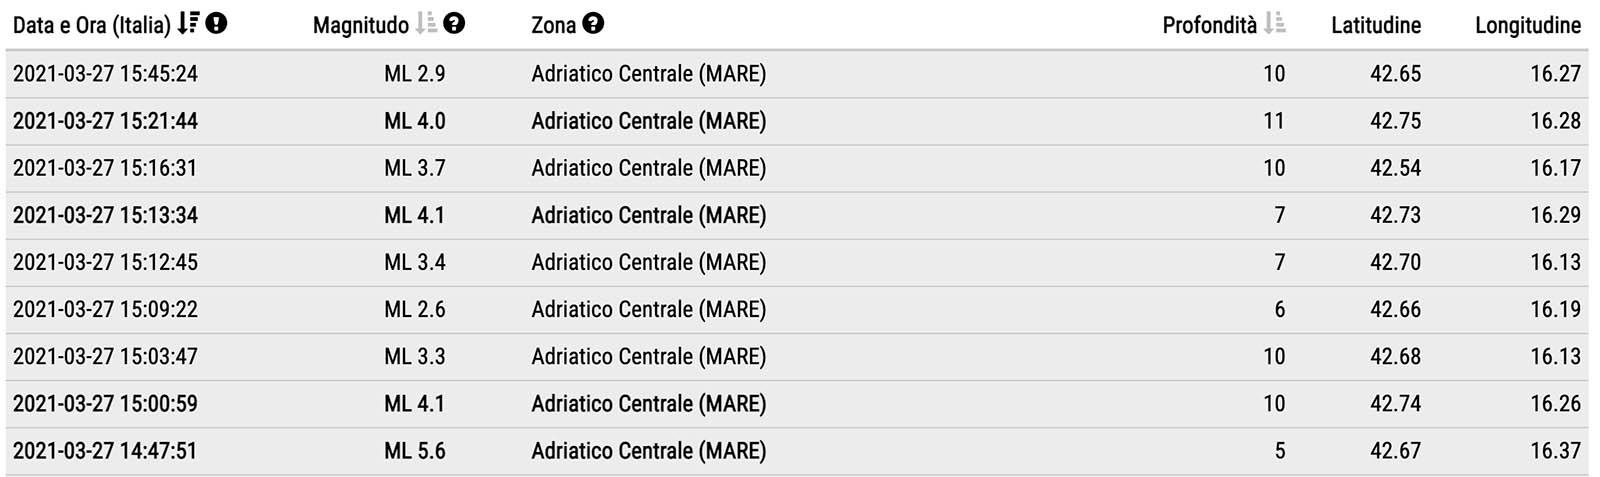 Le scosse di terremoto registrate fino a questo momento (Fonte: Istituto nazionale di geofisica e vulcanologia)